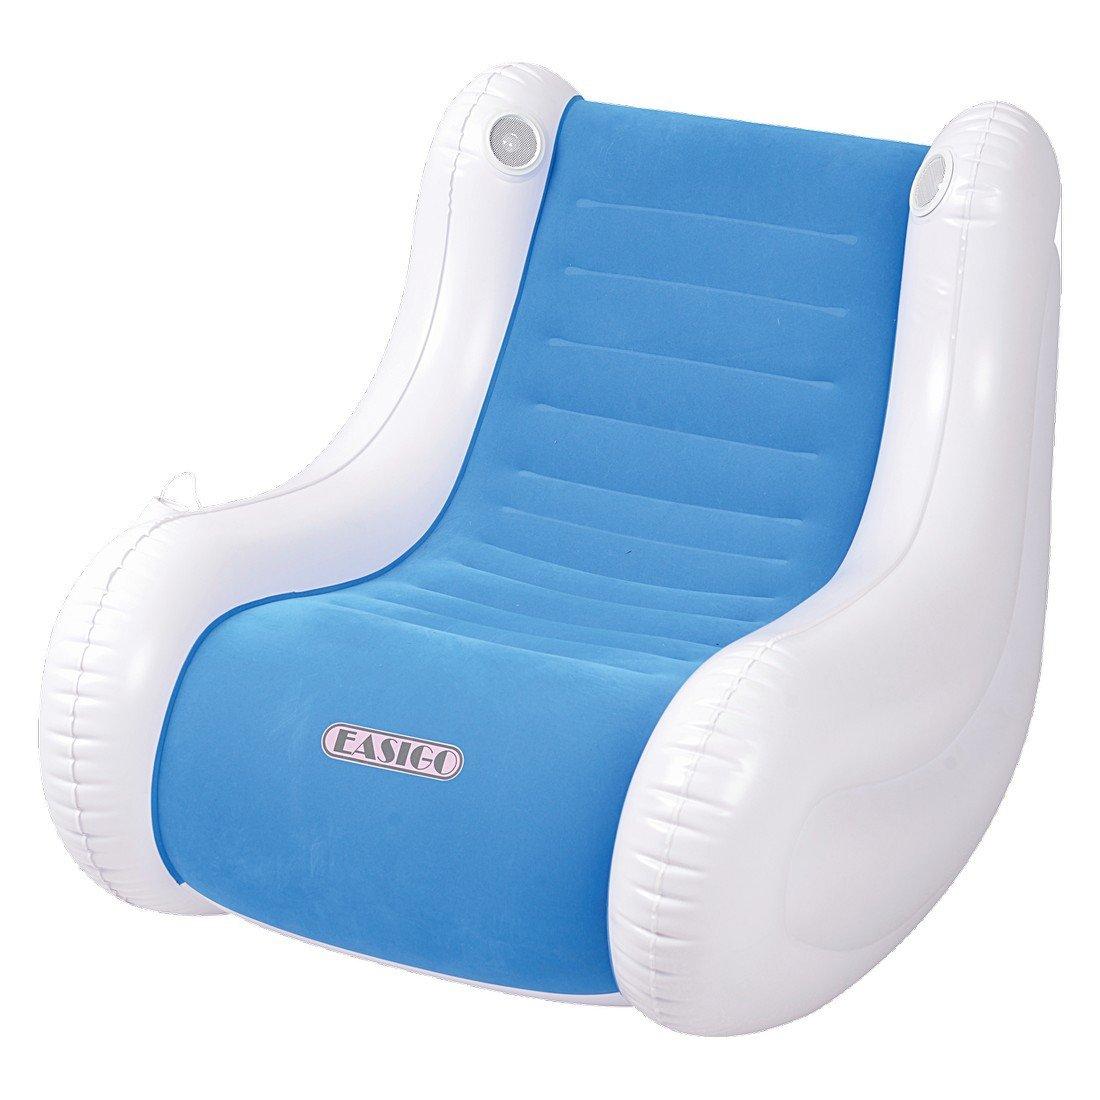 Jilong, Poltrona gonfiabile con altoparlante Easigo Speaker Chair, 2 colori assortiti JL037259N -P47